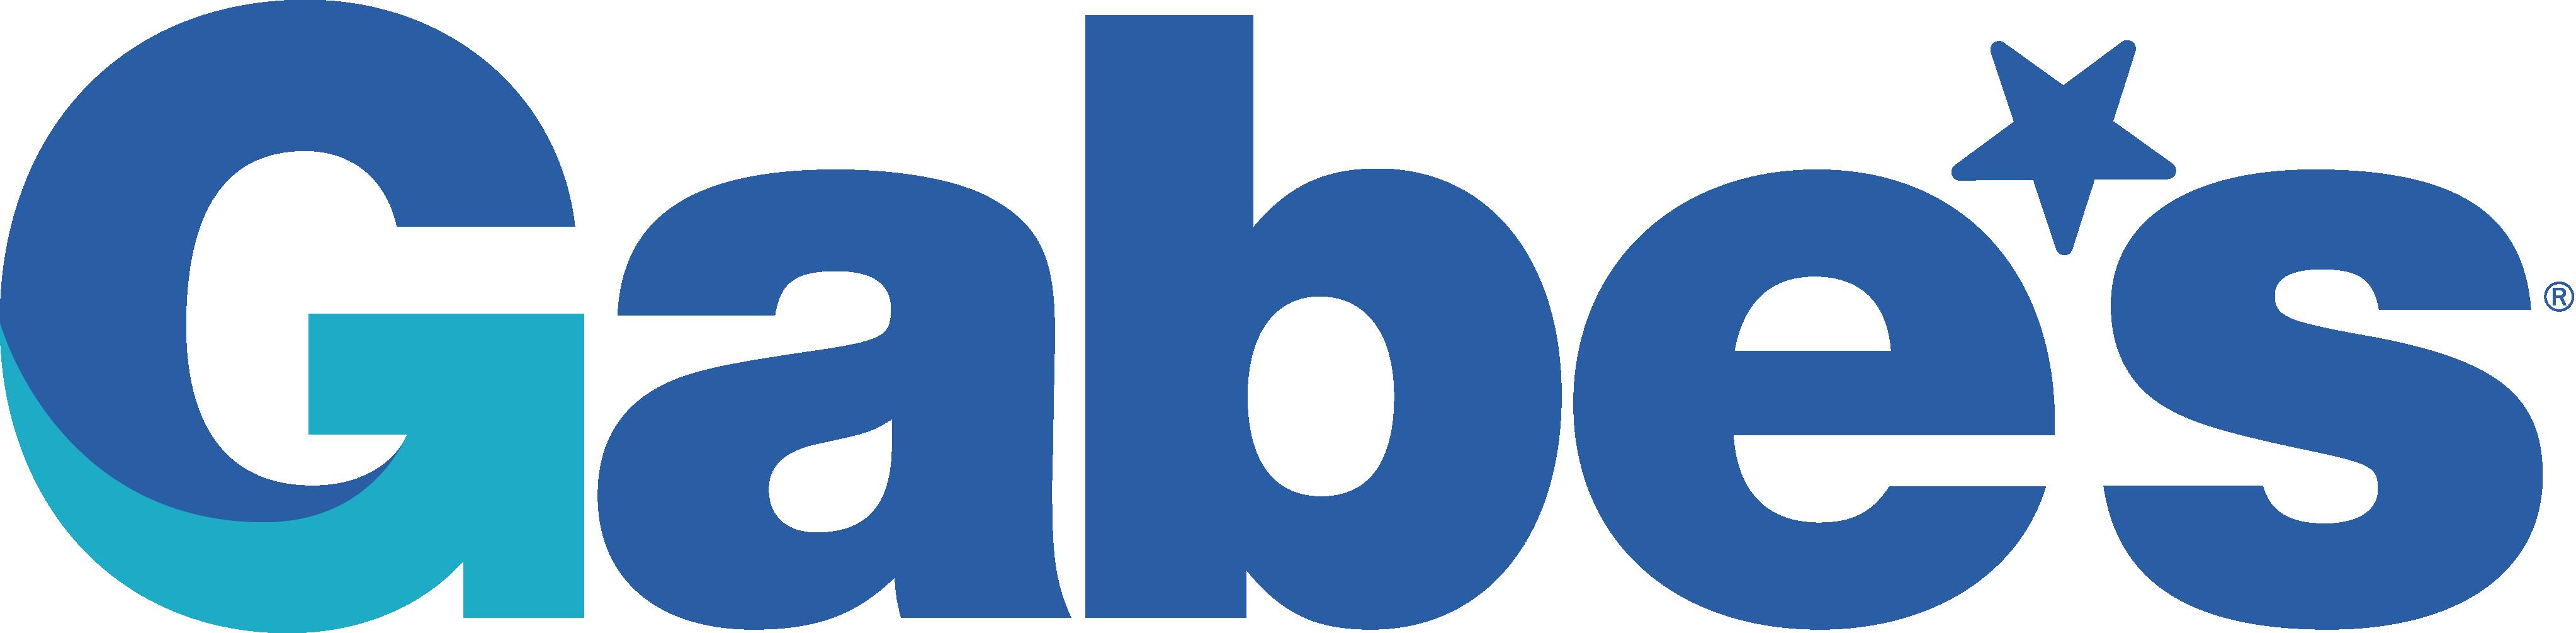 Gabes_logo